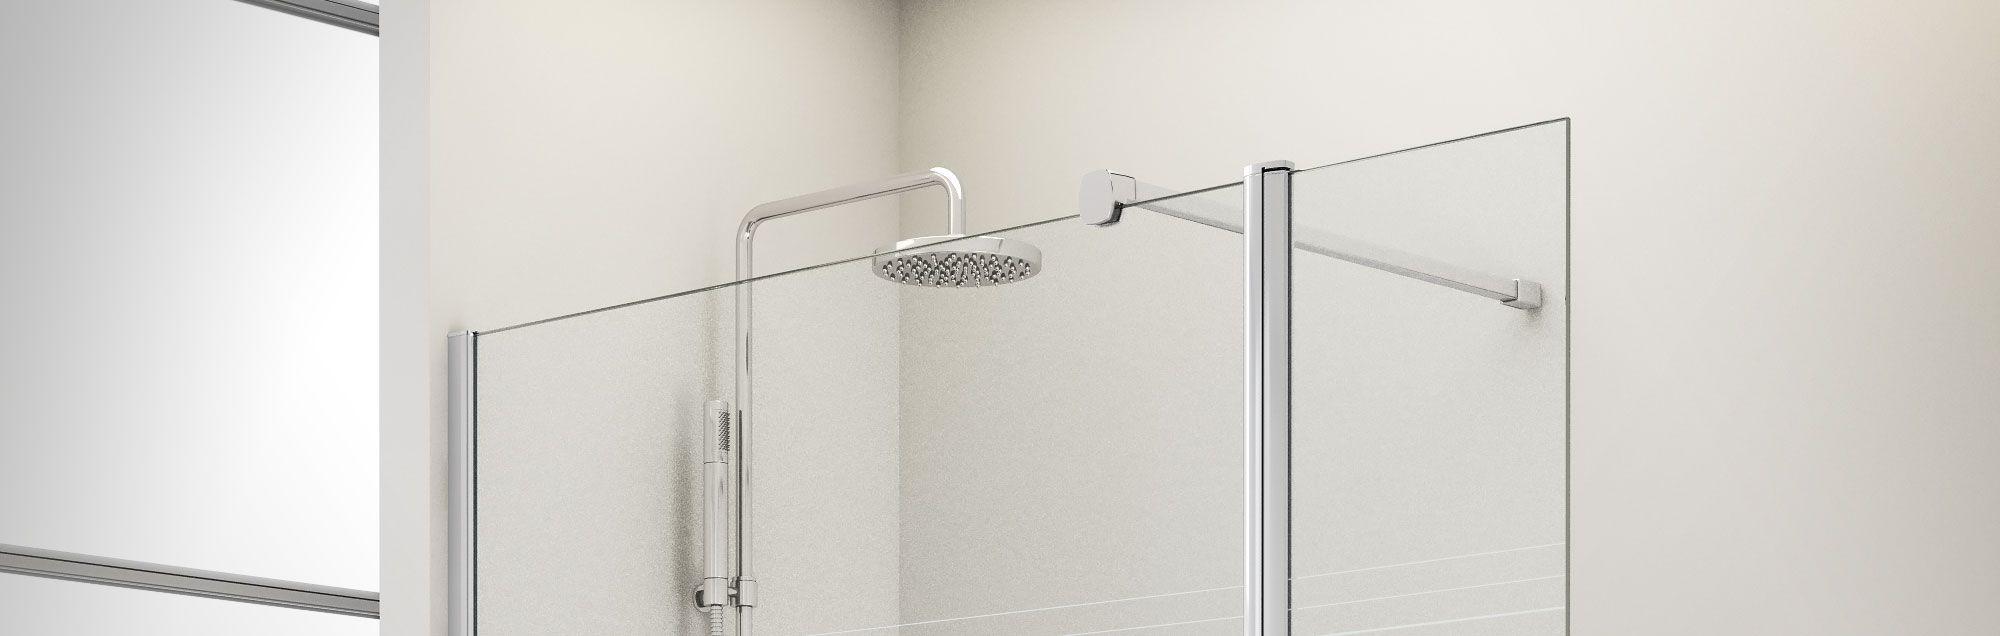 Serie de mamparas standard de bañera a medida